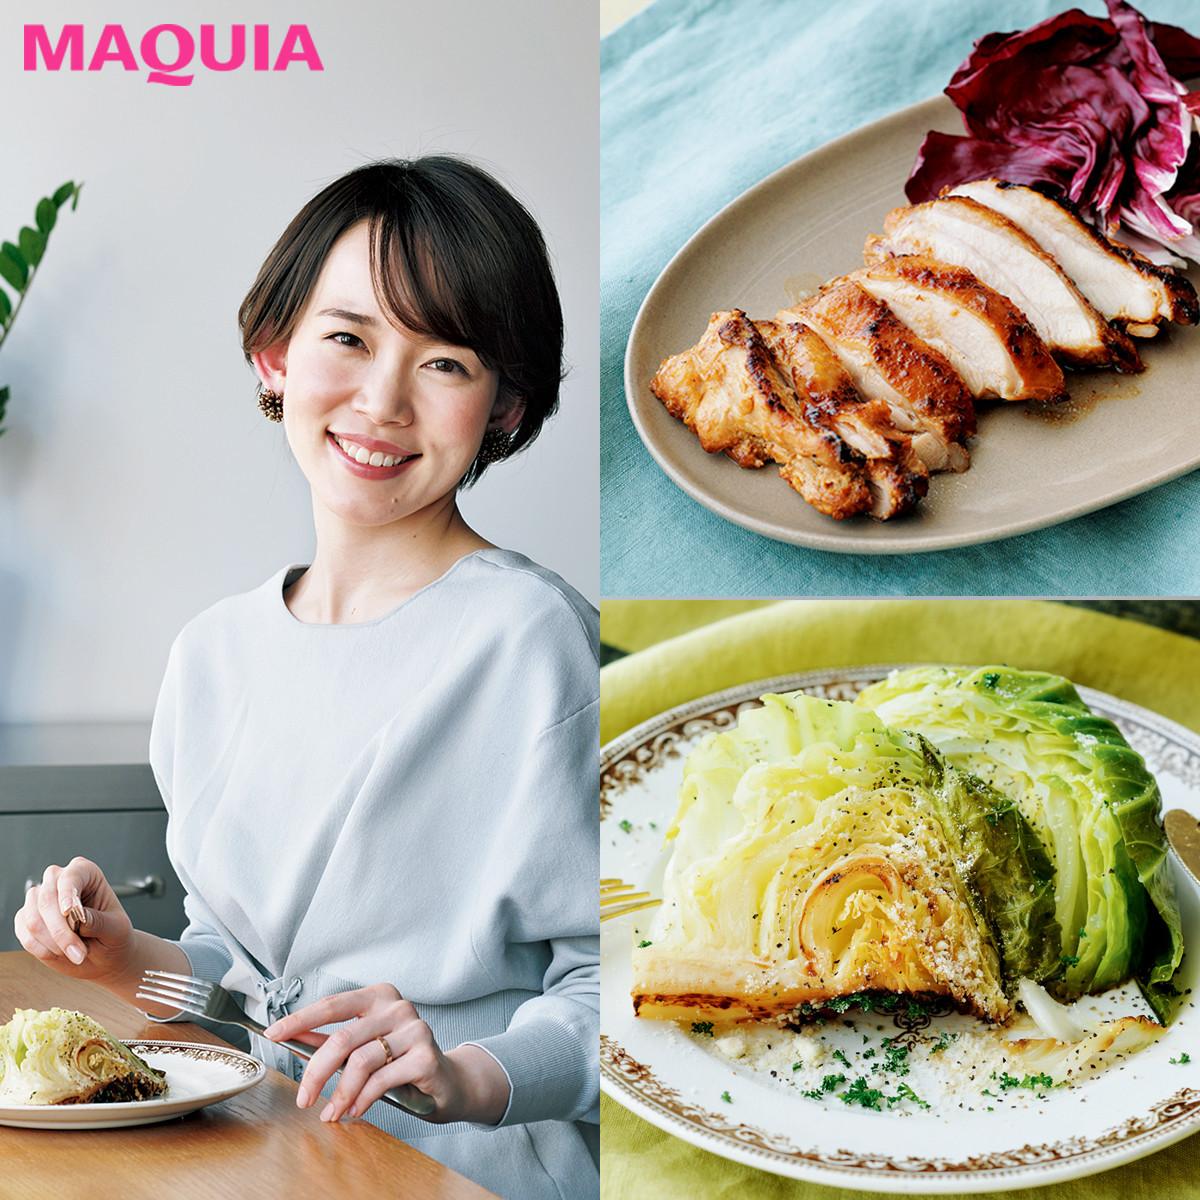 【本島彩帆里式ダイエット】タンパク質と発酵食品は定番の美肌食